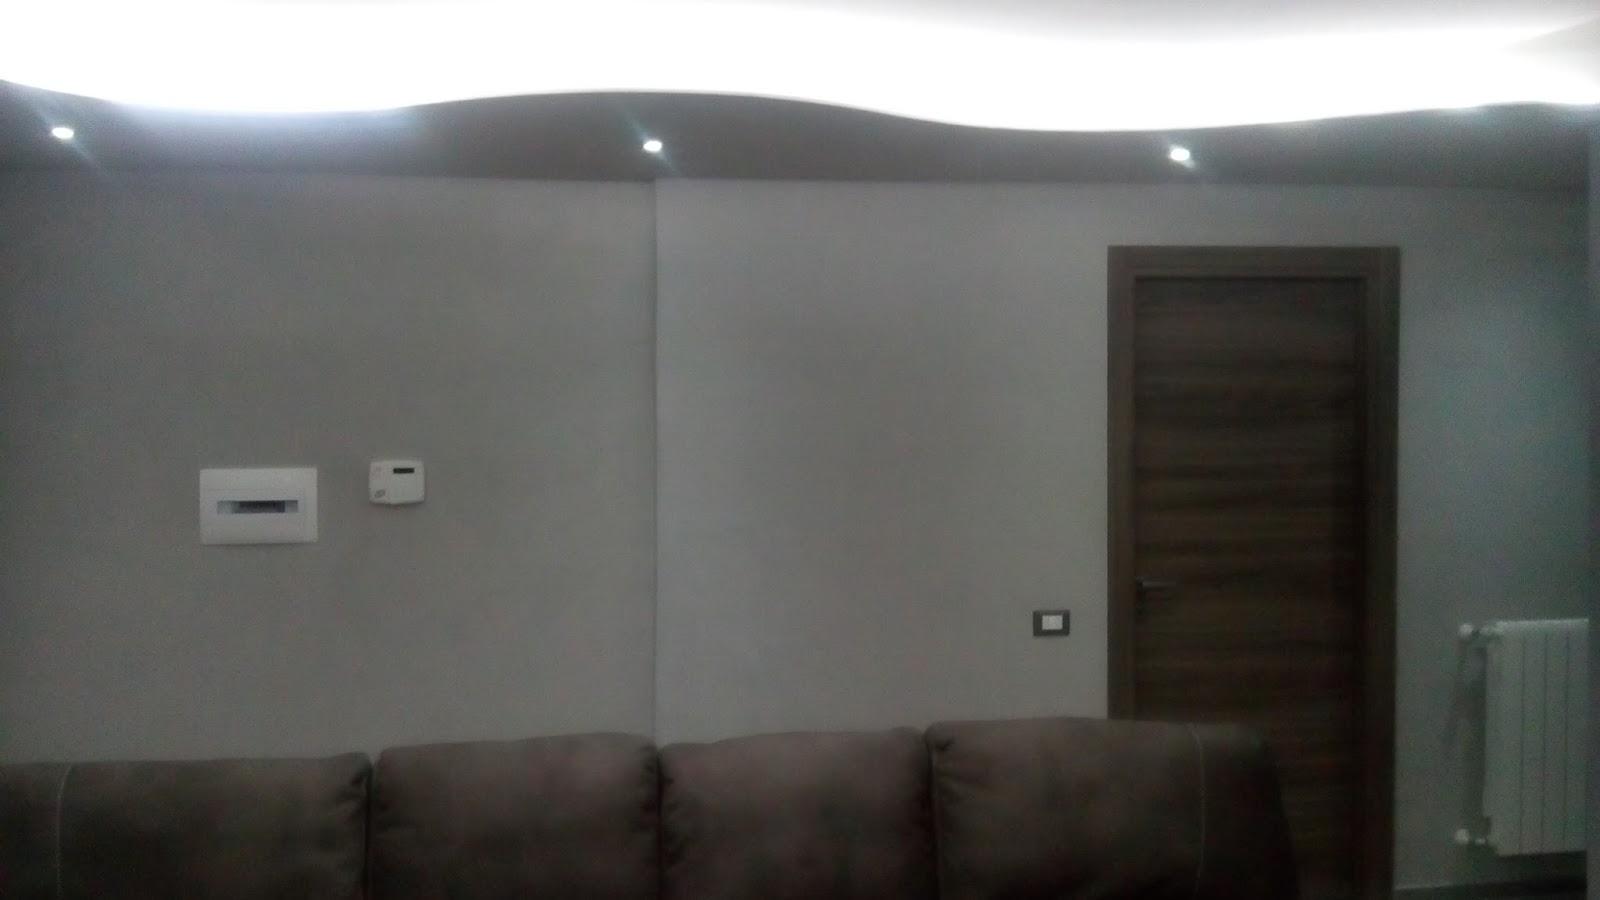 Controsoffitto In Cartongesso Translate : Architetto gaetano frudà salone moderno con controsoffitto